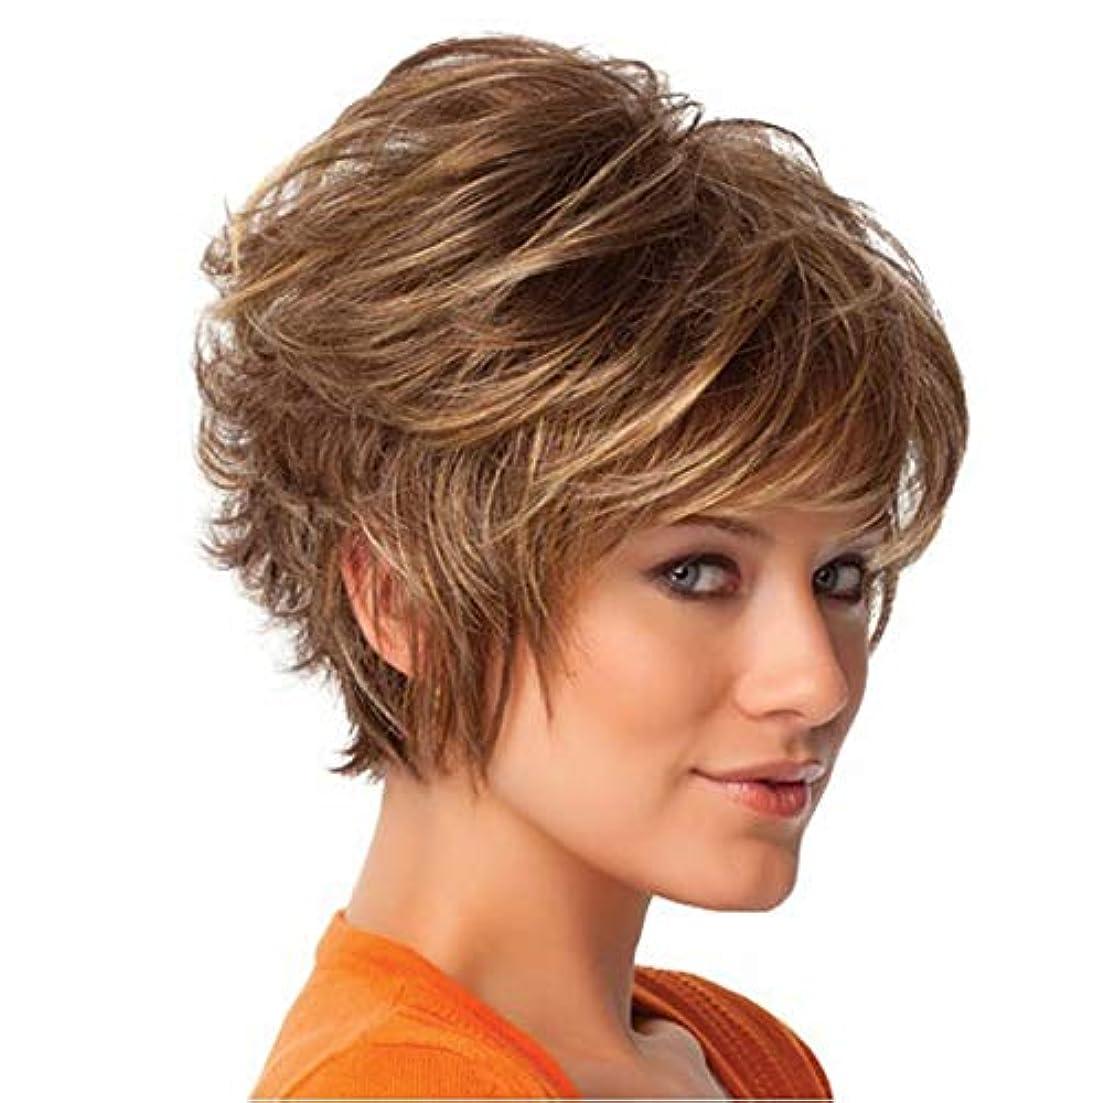 逃げるトレイル事前にYOUQIU 女性のファッション金髪ショートカーリーヘアボブスタイルウィッグ耐熱Resisantのかつら (色 : Blonde)